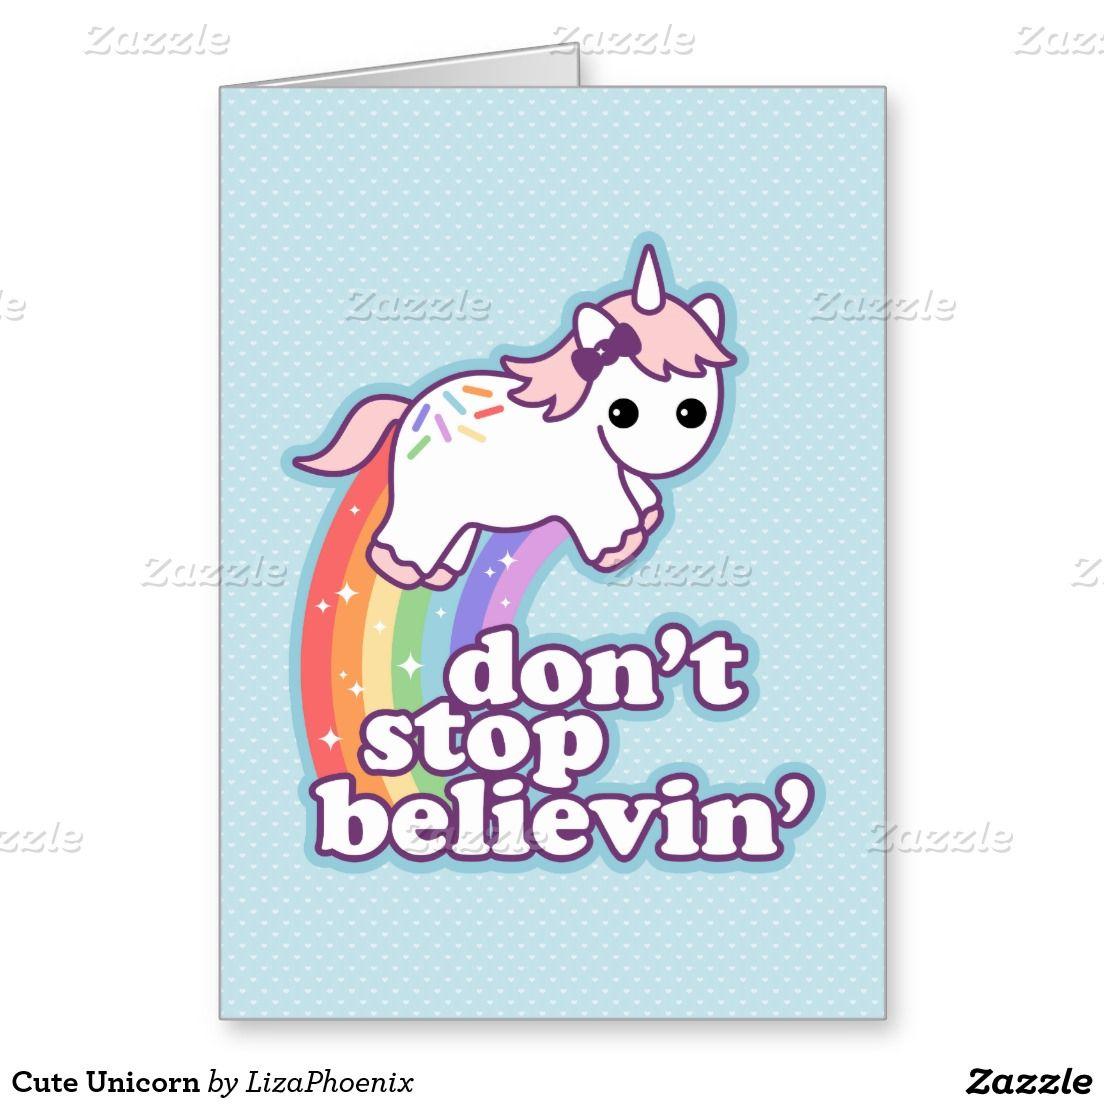 Cute Unicorn Greeting Card Unicorn Stuff Pinterest Unicorns